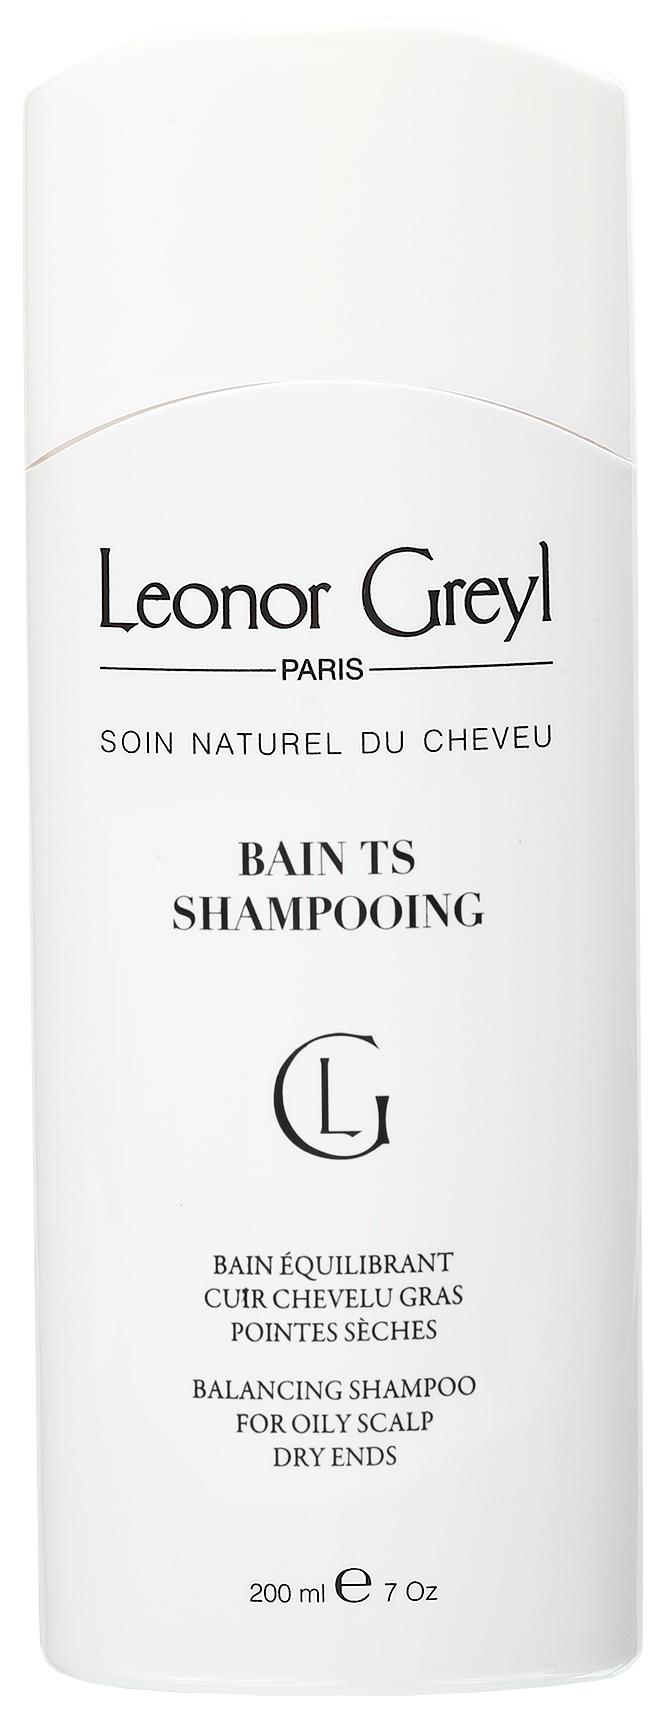 Шампунь Leonor Greyl Bain TS Shampooing себорегулирующий 200 мл